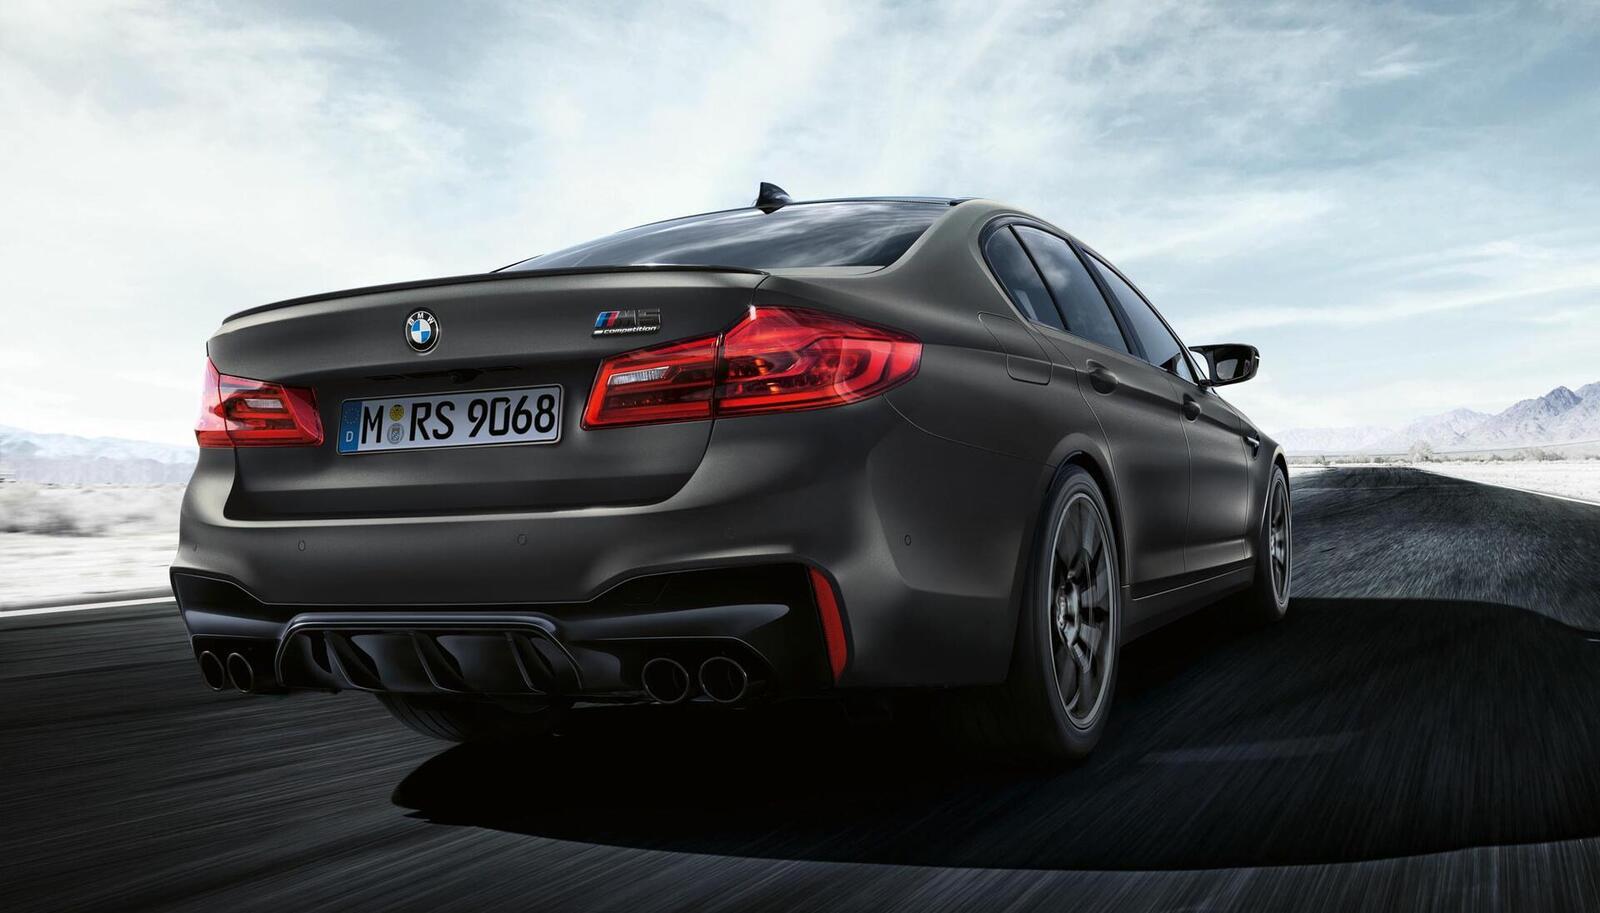 """Phiên bản đặc biệt của BMW tên M5 """"Edition 35 Jahre"""" được sản xuất giới hạn chỉ 350 chiếc - Hình 9"""